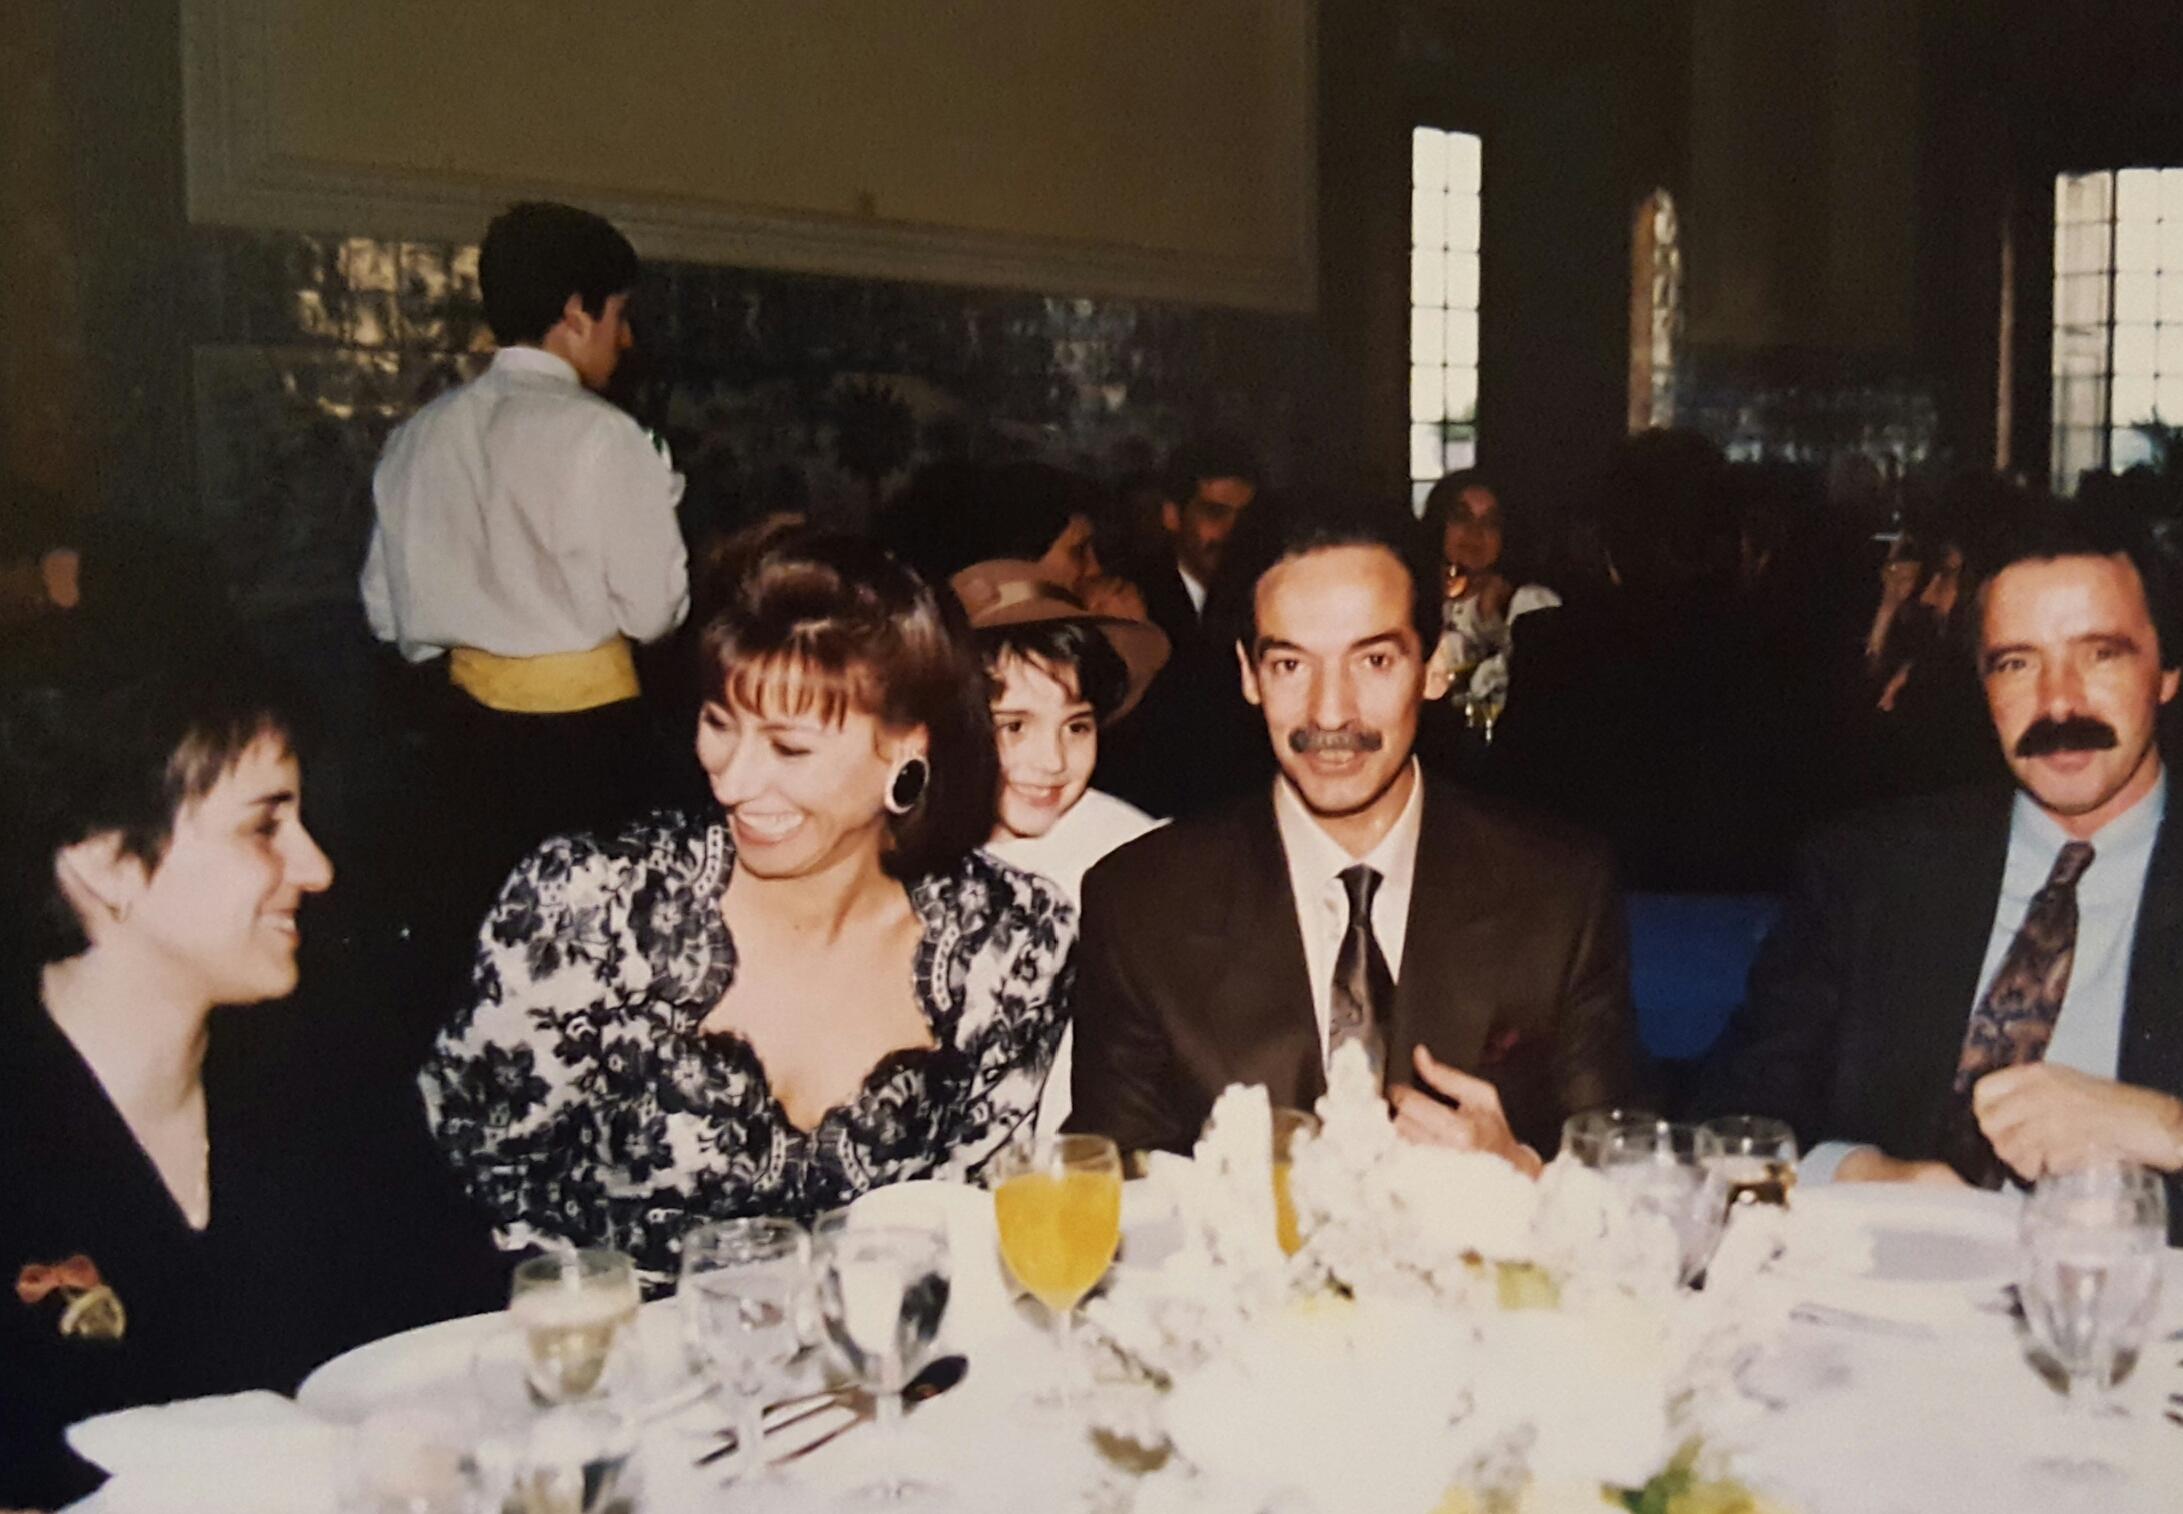 Zulmira e Jesualdo Ferreira - 5 de janeiro de 1991, Palácio da Cruz Vermelha, Lisboa